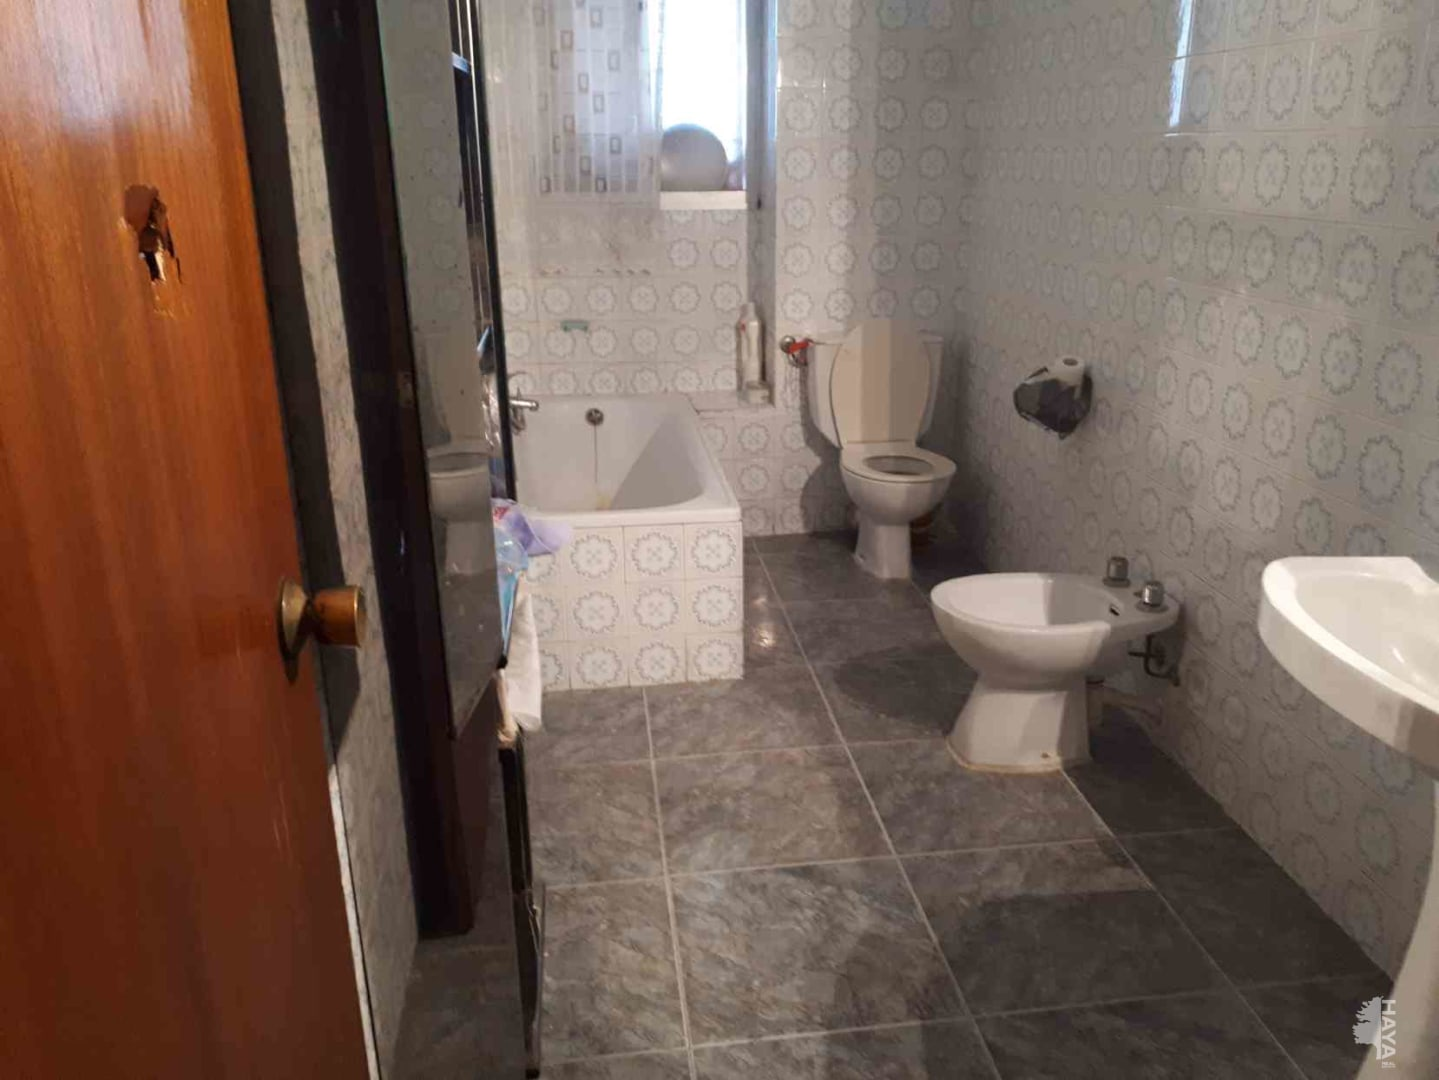 Piso en venta en Mollerussa, Lleida, Calle Pau Claris, 40.238 €, 3 habitaciones, 1 baño, 120 m2